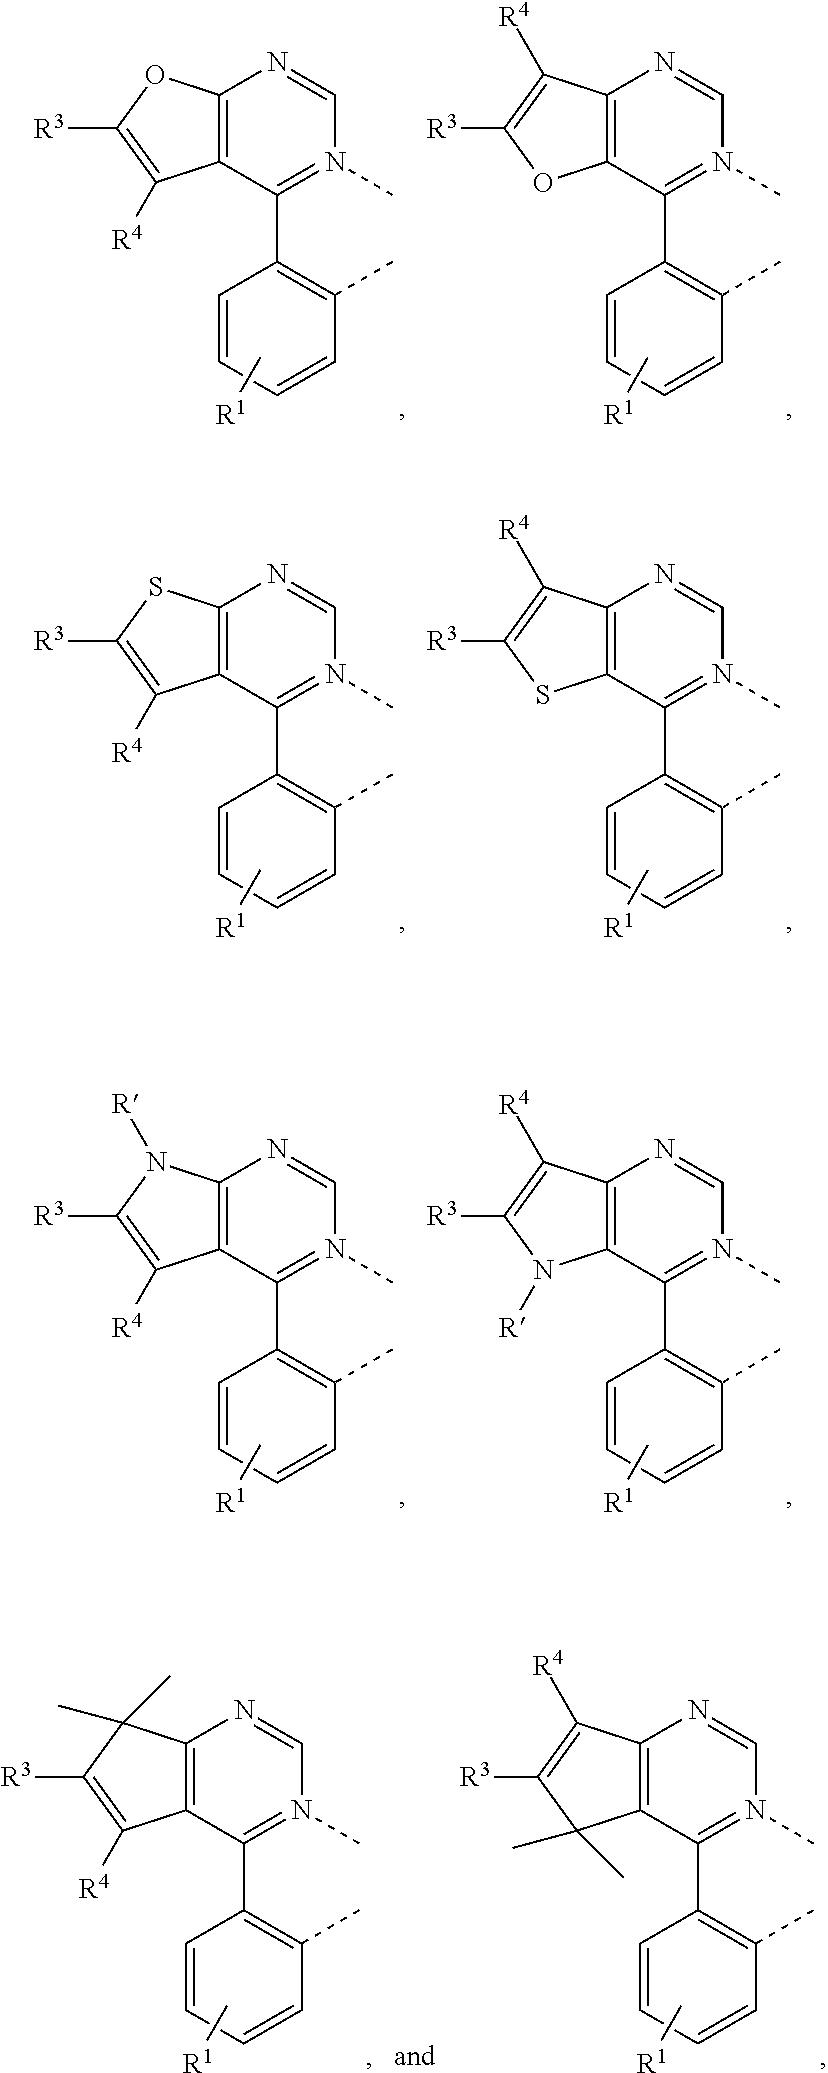 Figure US09859510-20180102-C00016